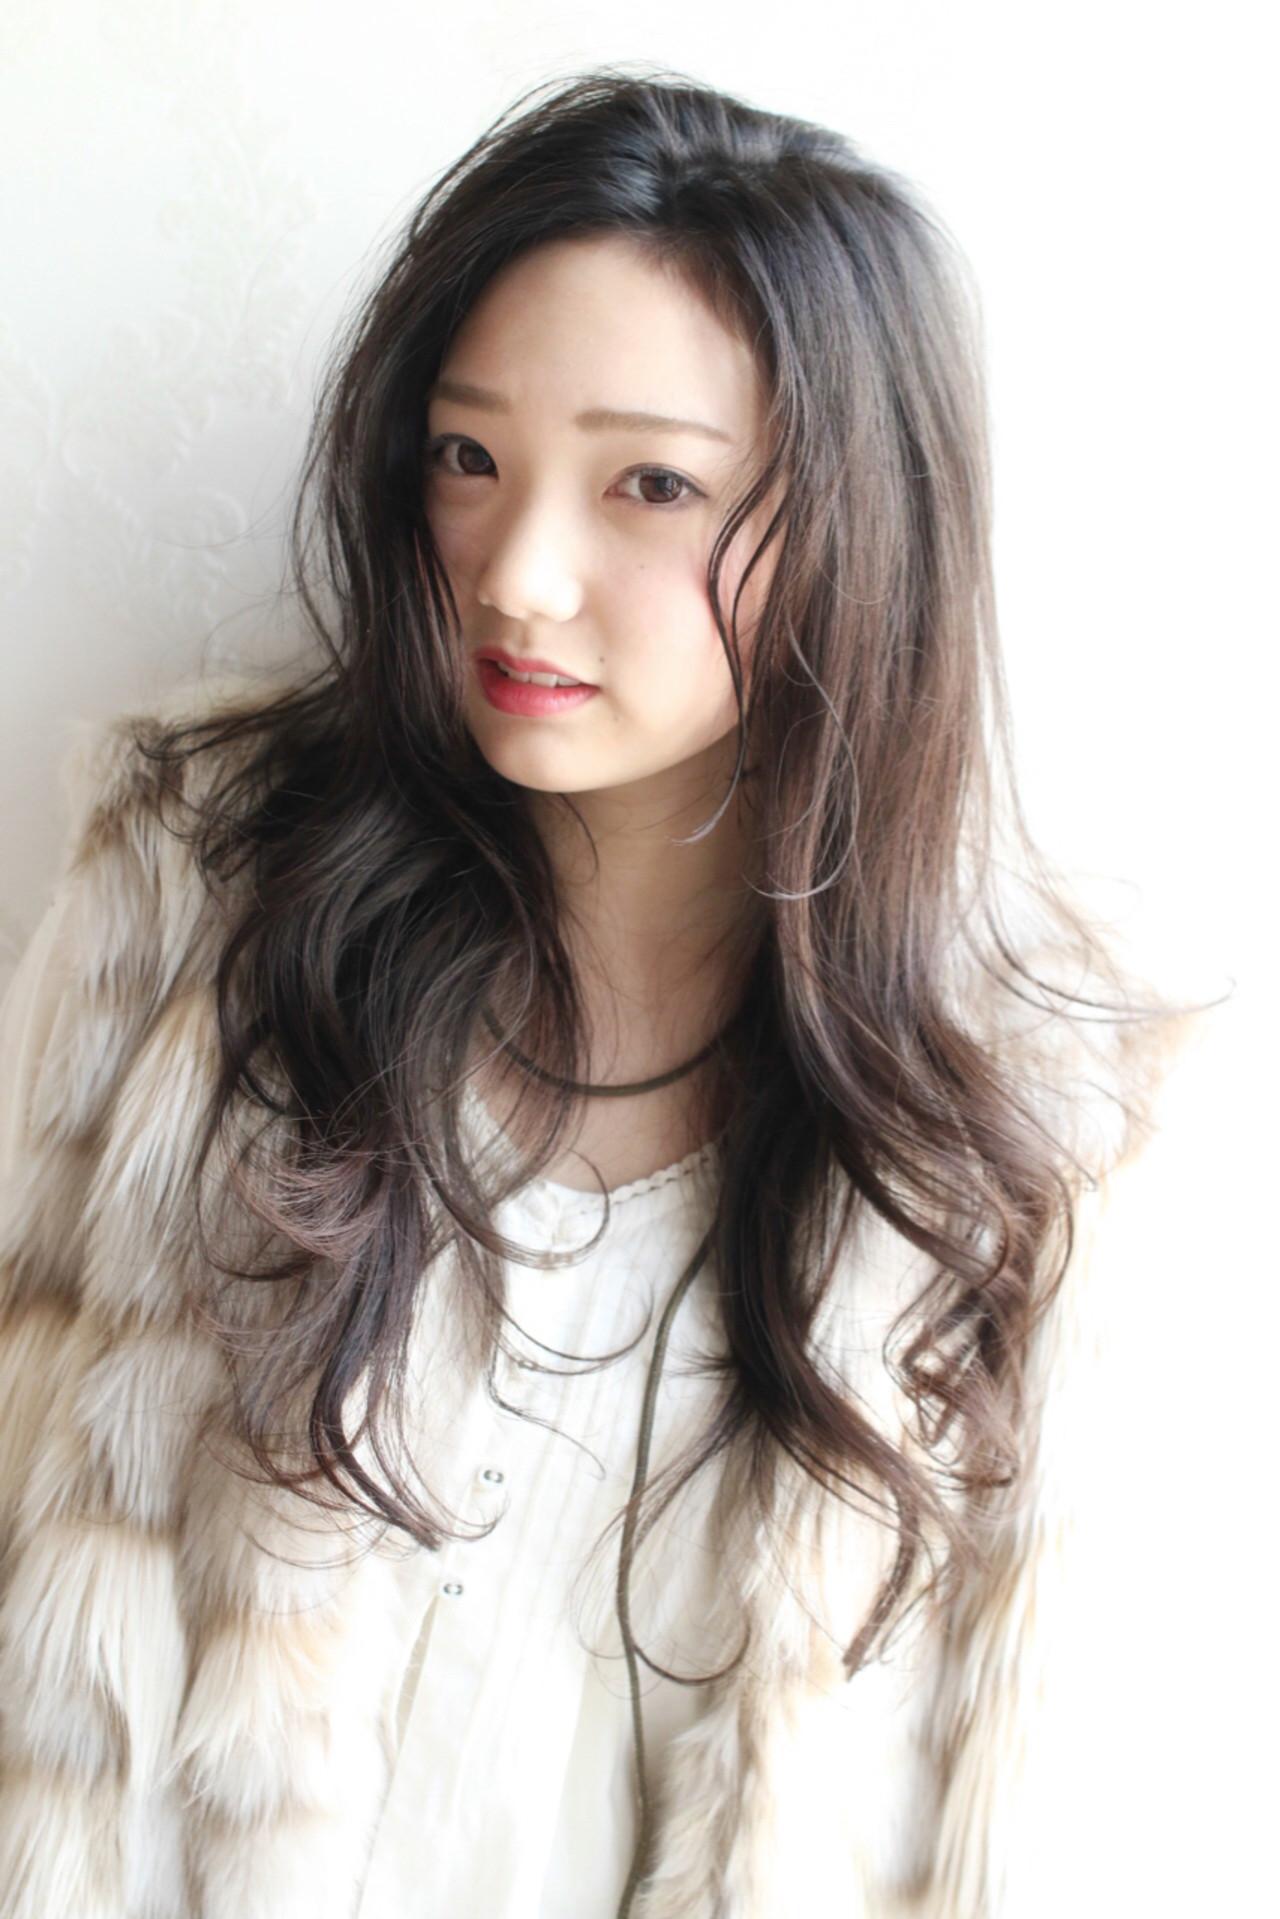 暗髪 こなれ感 大人女子 パーマ ヘアスタイルや髪型の写真・画像 | 太賀雄己 / FROH  (フロウ)